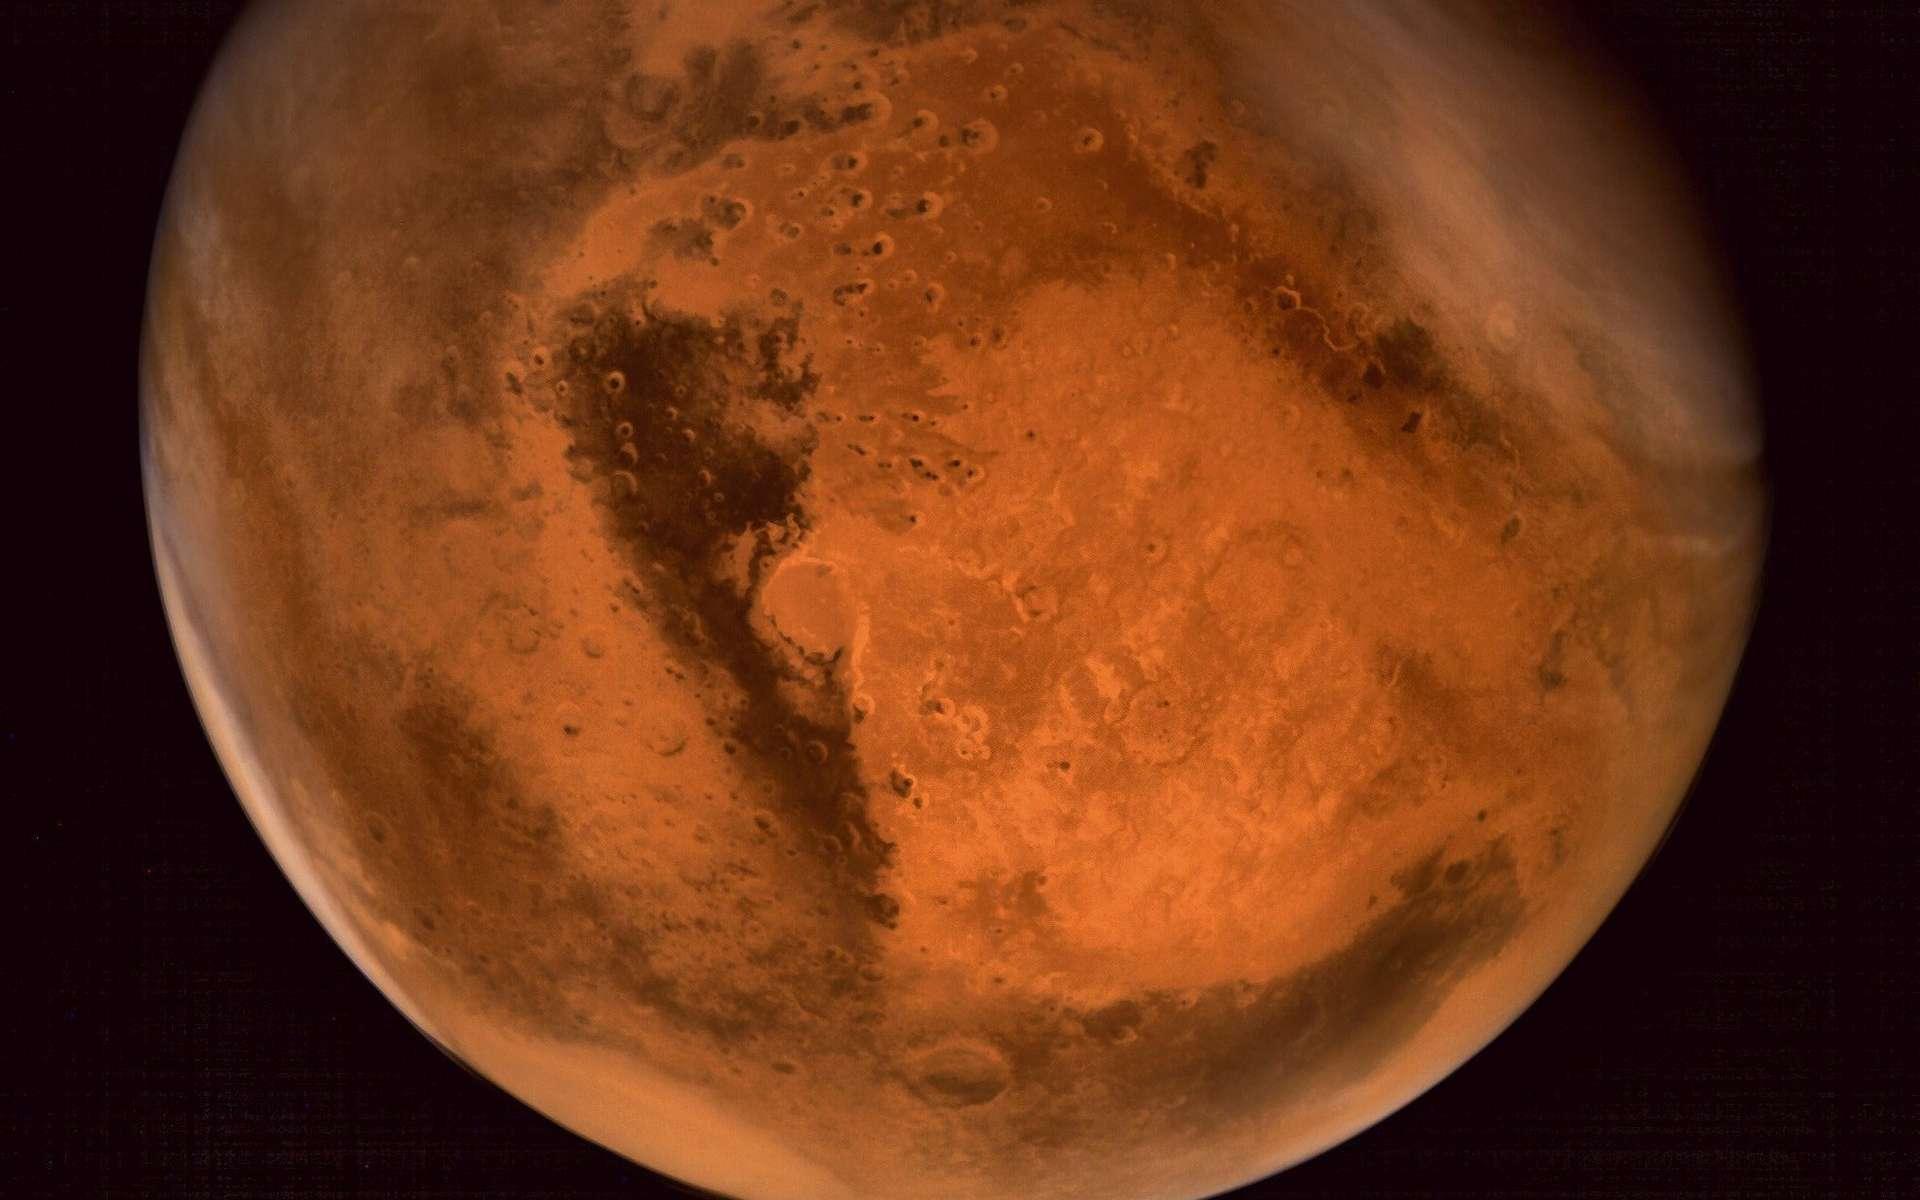 Une vue de la planète Mars obtenue grâce à la sonde indienne Mangalyaan. © Indian Space Research Organisation